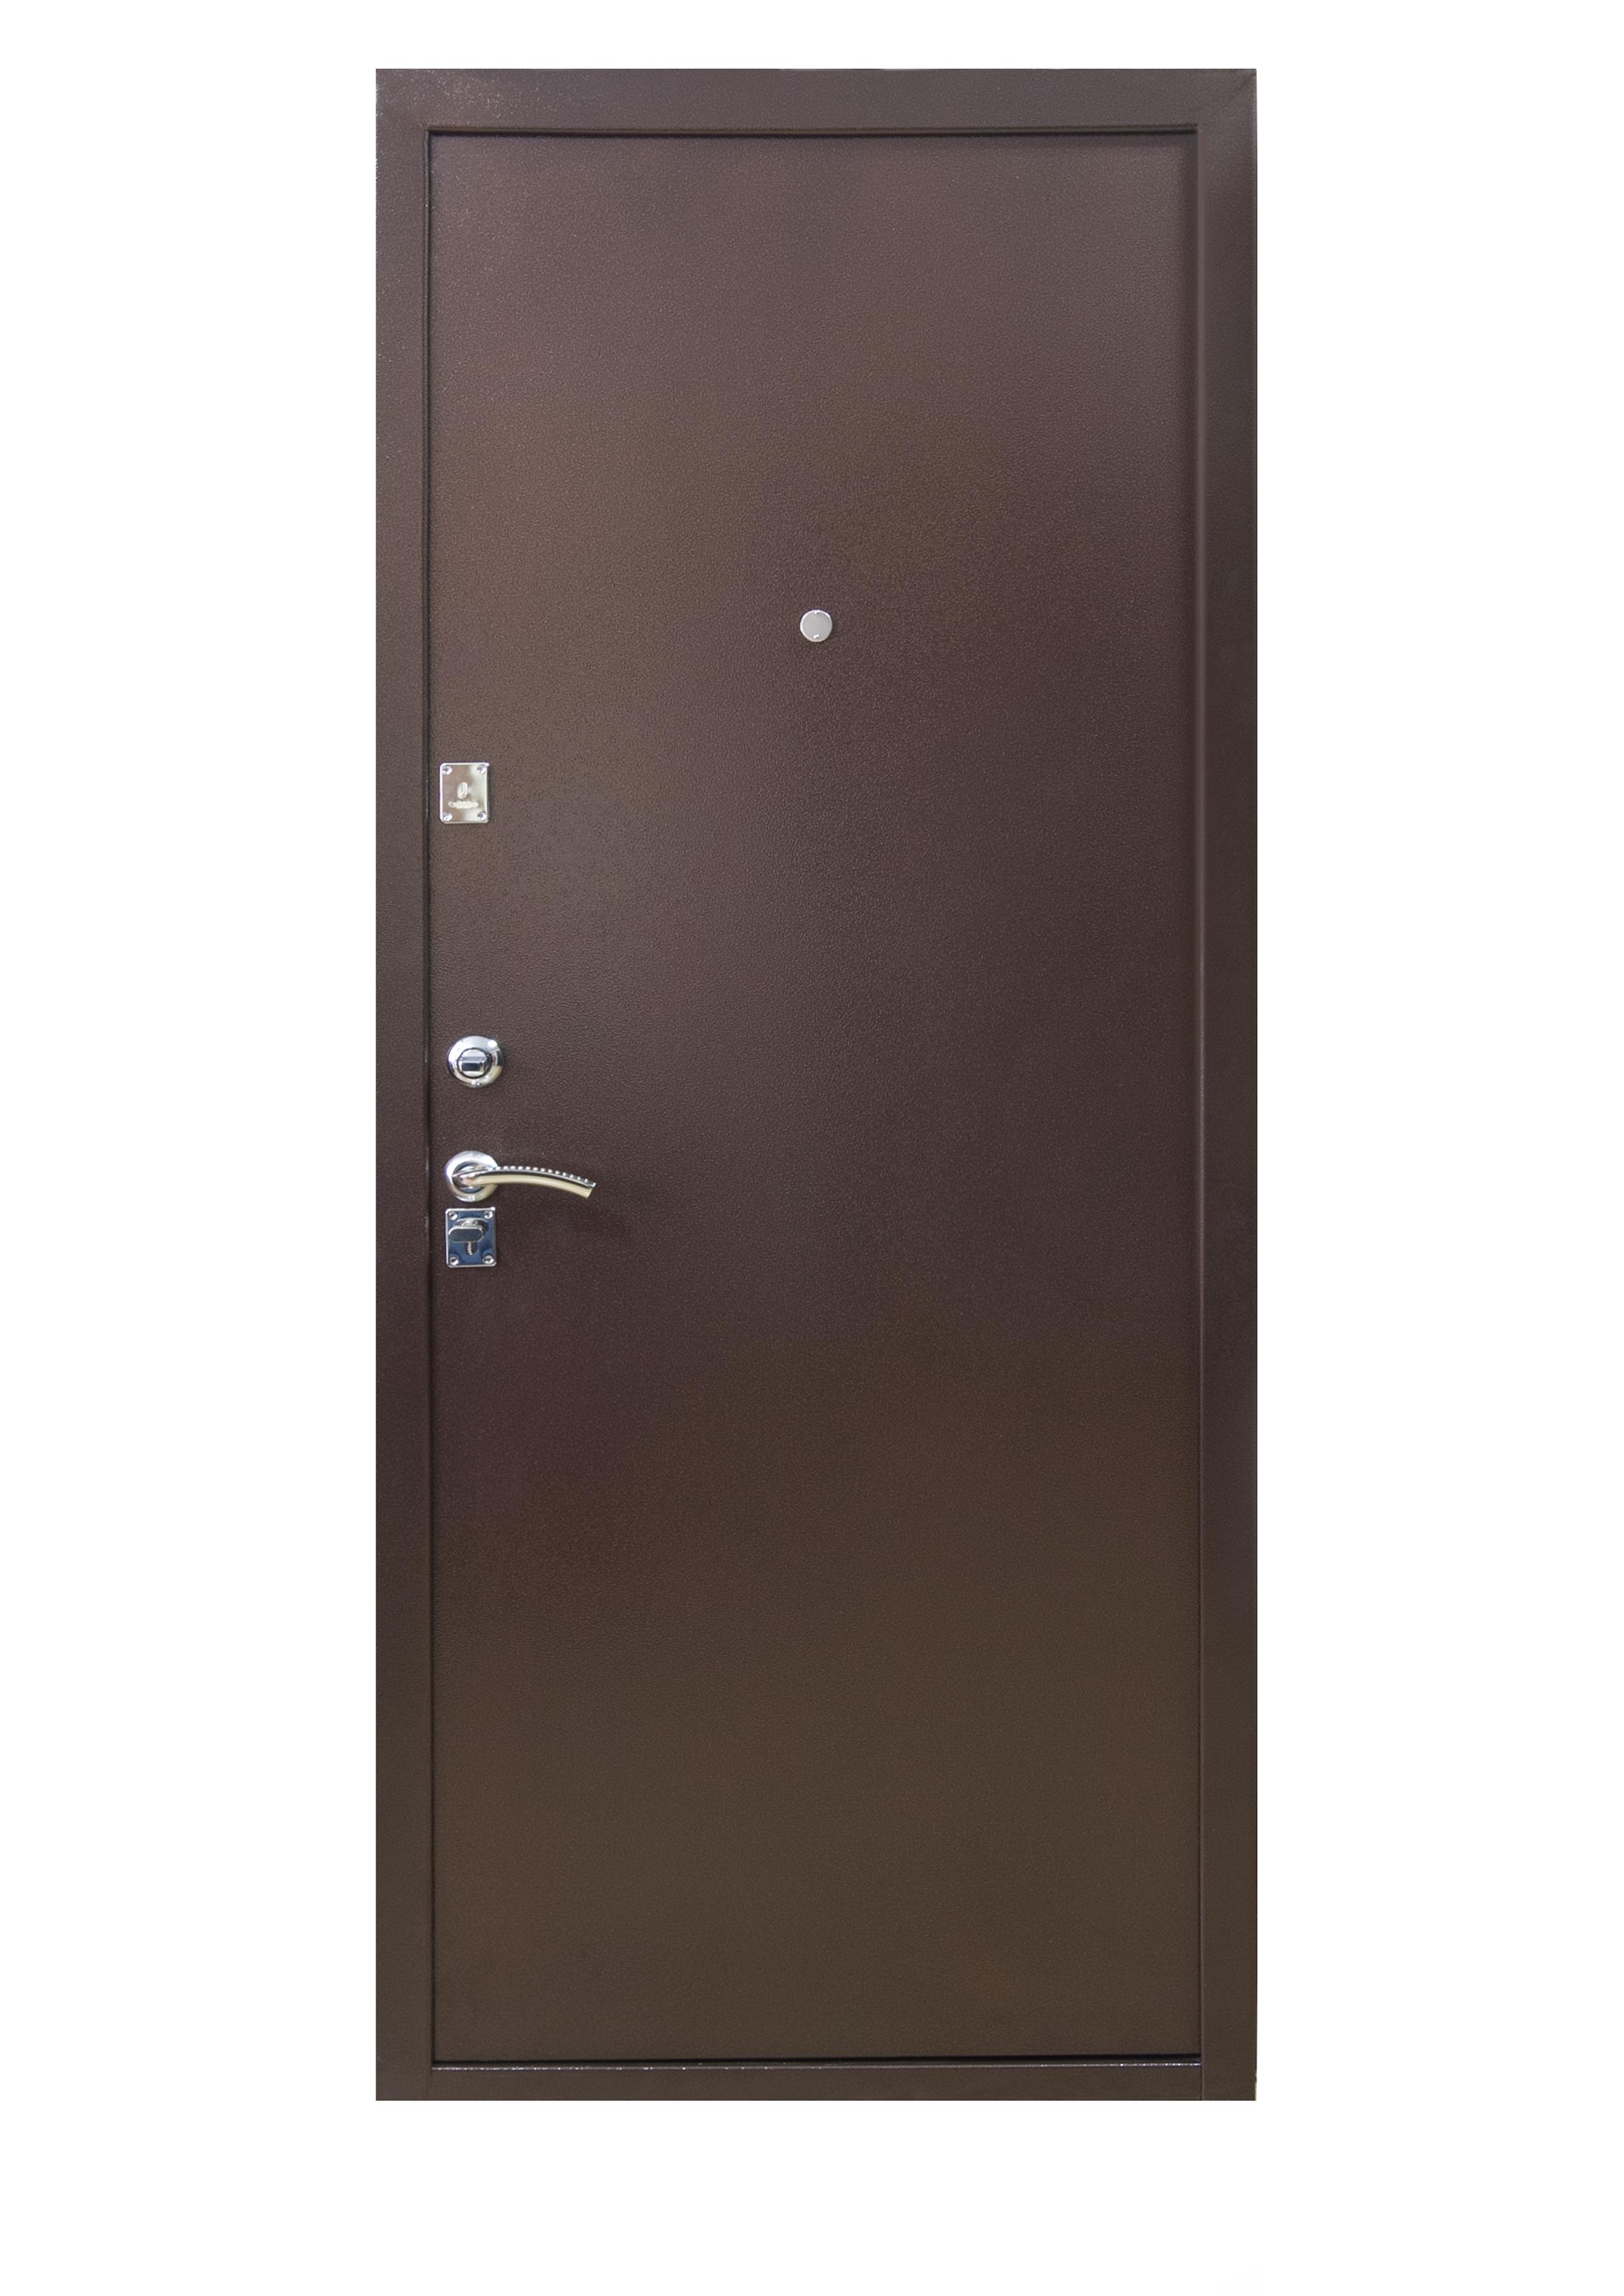 Дверь метал. ДC-367 0484 87 правая (витрина)